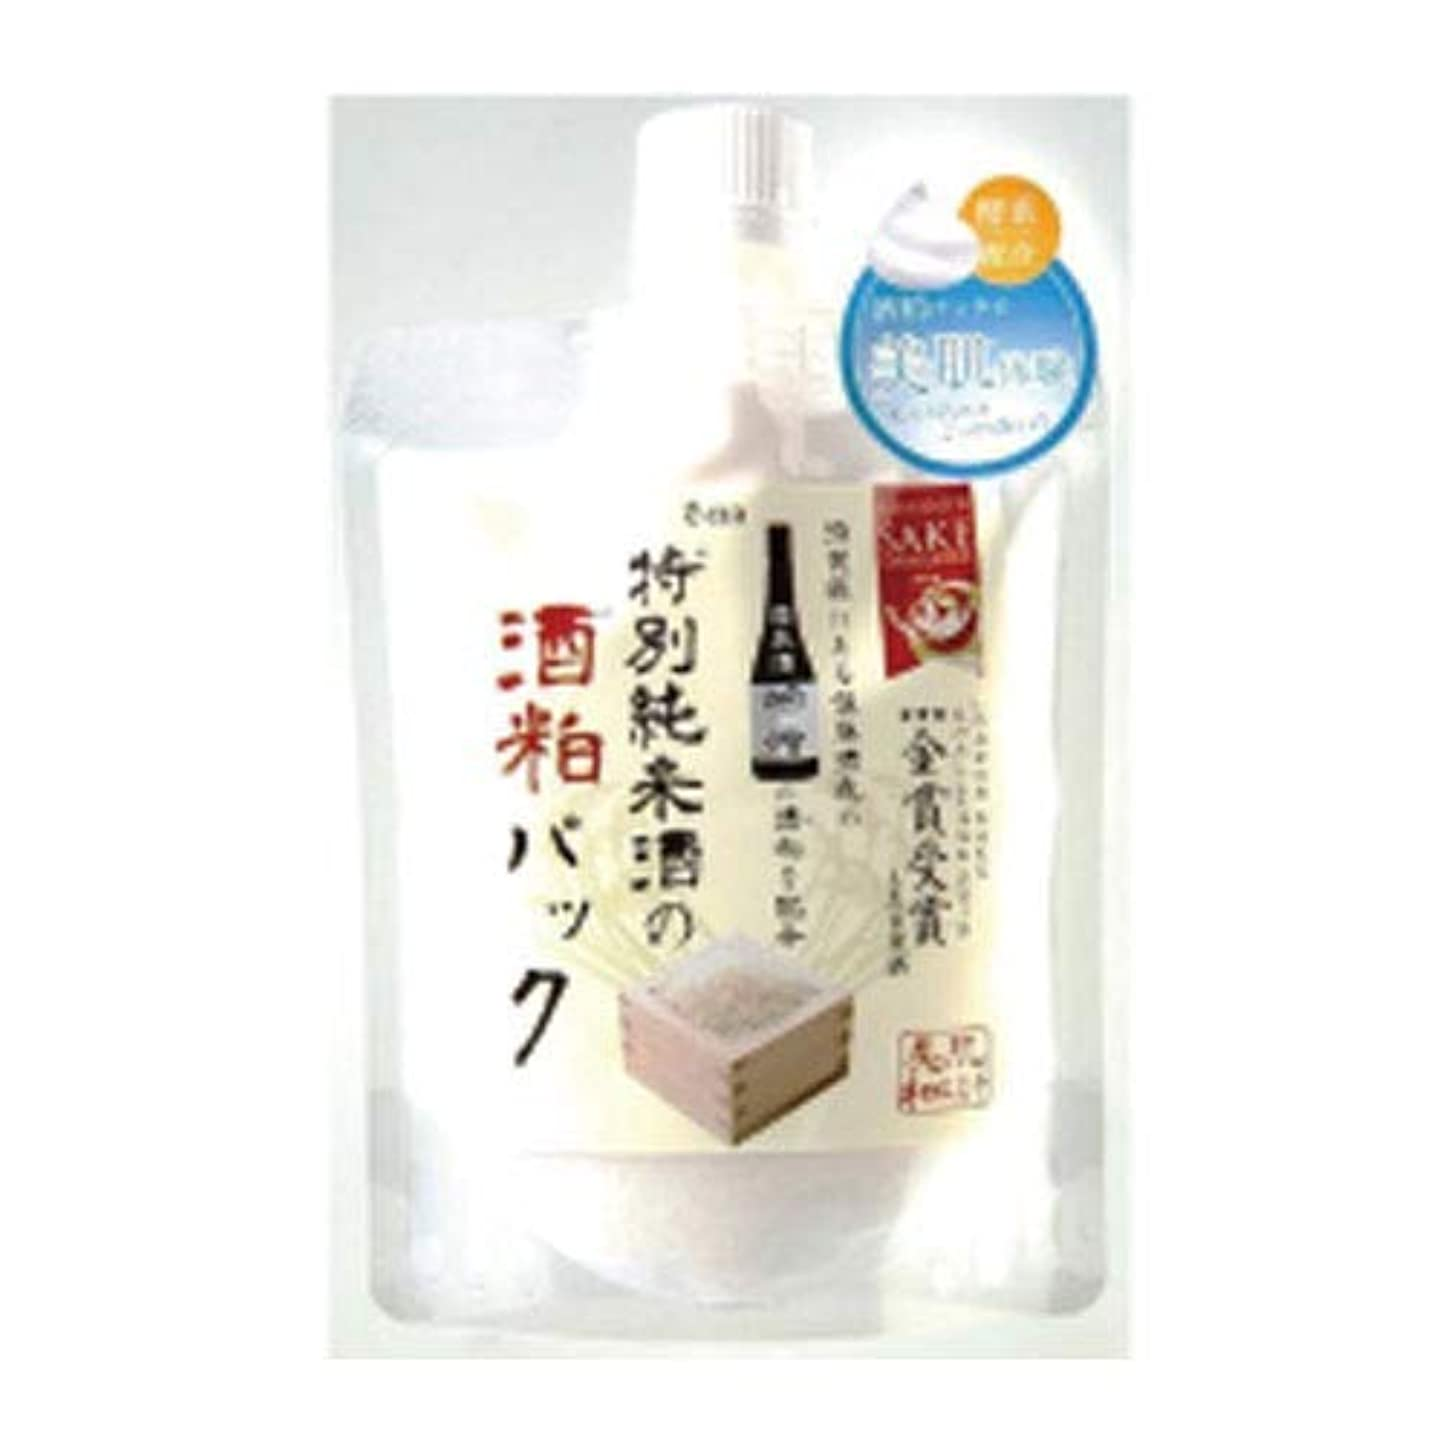 アニメーション委員会退化する特別純米酒の酒粕パック48個セット